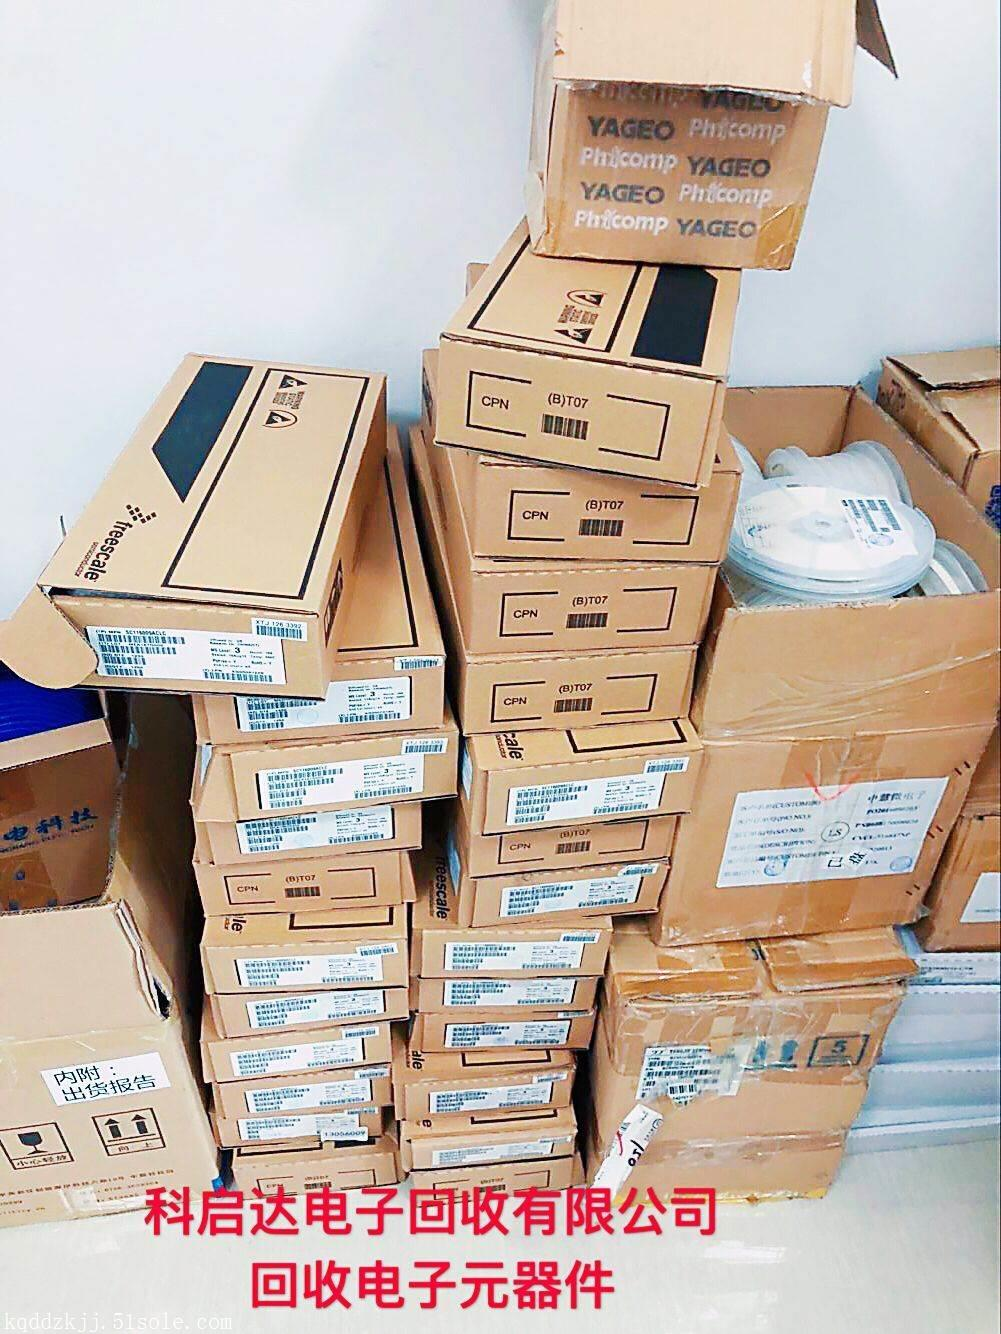 电子元件回收  高价上门收购 回收电子元件